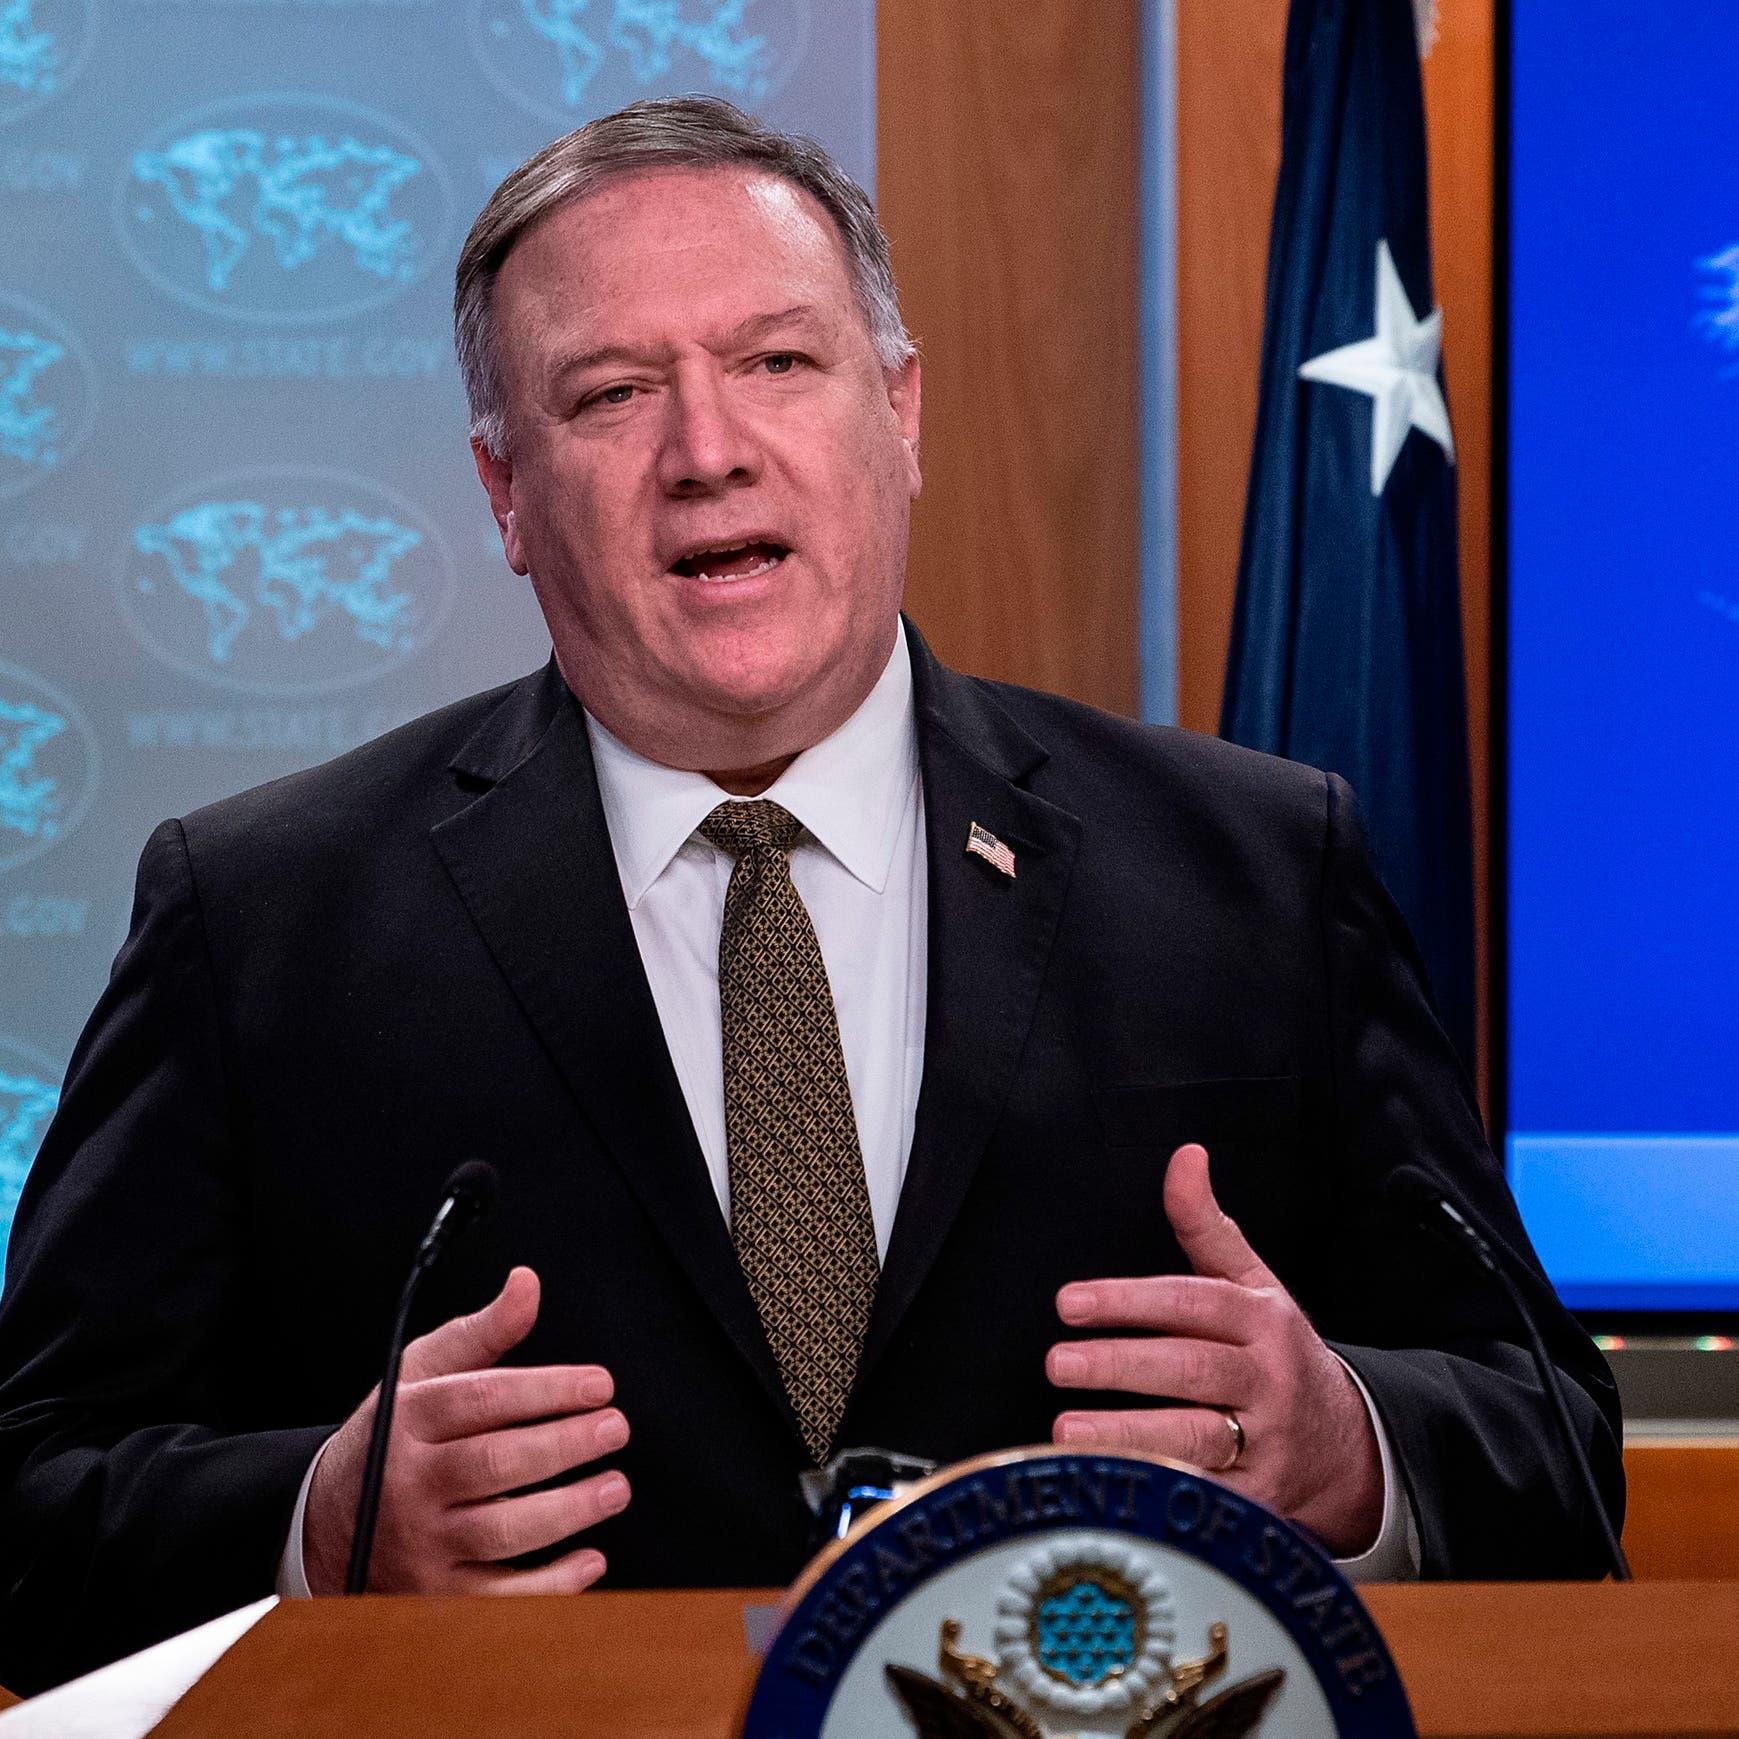 بومبيو عن الصين وإيران: منتهكو الحريات يحبون العمل معاً